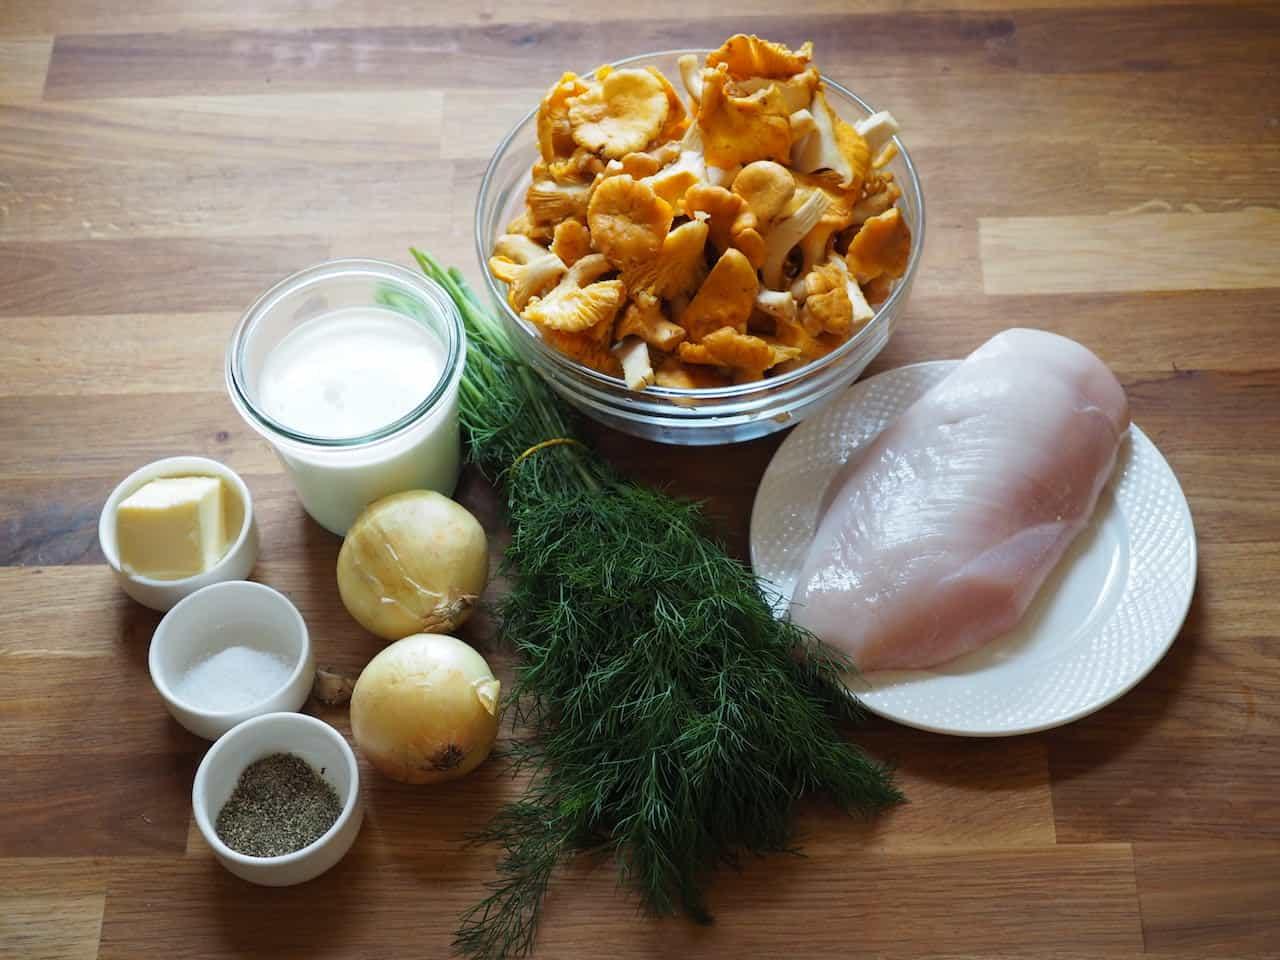 Kurki w śmietanie z kurczakiem Składniki: 300 g piersi z kurczaka 2 łyżki oleju roślinnego 1 łyżka masła 2 małe cebule 200 g kurek 200 ml śmietany 30% 2 łyżki posiekanego koperku sól, pieprz Przygotowanie: Kurczaka pokrój w niedużą kostkę, dopraw solą i pieprzem. Na patelni rozgrzej olej roślinny, usmaż mięso do uzyskania złotego koloru. Zdejmij kurczaka z patelni odstaw na bok, dodaj łyżkę masła i wsyp cebulę pokrojoną w kostkę. Podsmaż do 3-4 minuty, aż zmięknie i nabierze rumianego koloru. Następnie dodaj oczyszczone kurki. Smaż aż odparuje cały nadmiar wody, który pojawił się po wsypaniu grzybów na patelnie. Po tym czasie wlej śmietanę, dopraw sos solą i pieprzem. Kiedy nabierze odpowiedniej konsystencji, dodaj posiekany koperek. To danie najlepiej smakuje z plackami ziemniaczanymi z doda Kurki w śmietanie z kurczakiem. Przepis krok po kroku W lasach wysypało grzybami. Uwielbiam je zbierać oraz oczywiście jeść. Ostatnio nazbierałem trochę kurek, niezbyt dużo ale na skromną potrawę wystarczyło. Wybrałem swoją ulubioną kurki w śmietanie z kurczakiem. To danie najlepiej smakuje z chrupiącymi plackami ziemniaczanymi. Dla odmiany można je przygotować z dodatkiem płatków owsianych https://kuron.com.pl/przepisy/placki-ziemniaczano-owsiane/ Jajecznica z kurkami Moje pierwsze kulinarne wspomnienia z udziałem kurek to wyjazd do Kruczego Borka https://pl.wikipedia.org/wiki/Kruczy_Borek Byliśmy tam ze starszym bratem Jaśkiem i Babcią Krysią. Tak zasmakowała nam jajecznica z kurkami, że mocno prosiliśmy babcię aby nam taką przygotowała. Niestety stwierdziła, że to pracochłonne danie i przygotuje je jeżeli sami pójdziemy po grzyby. I tu szanowna babcia popełniła błąd, trzeba dodać, że byliśmy w wieku 6 i 8 lat. Udaliśmy się do pobliskiego lasku i po jakiś 2 godzinach nazbieraliśmy wystarczającą ilość kurek na jedną jajecznicę. Problem polegał na tym, że nazbieraliśmy najmniejsze mikroskopijne kurki w liczbie około 2 milionów. Babcia nie była pocieszona kiedy musiała je oczyśc